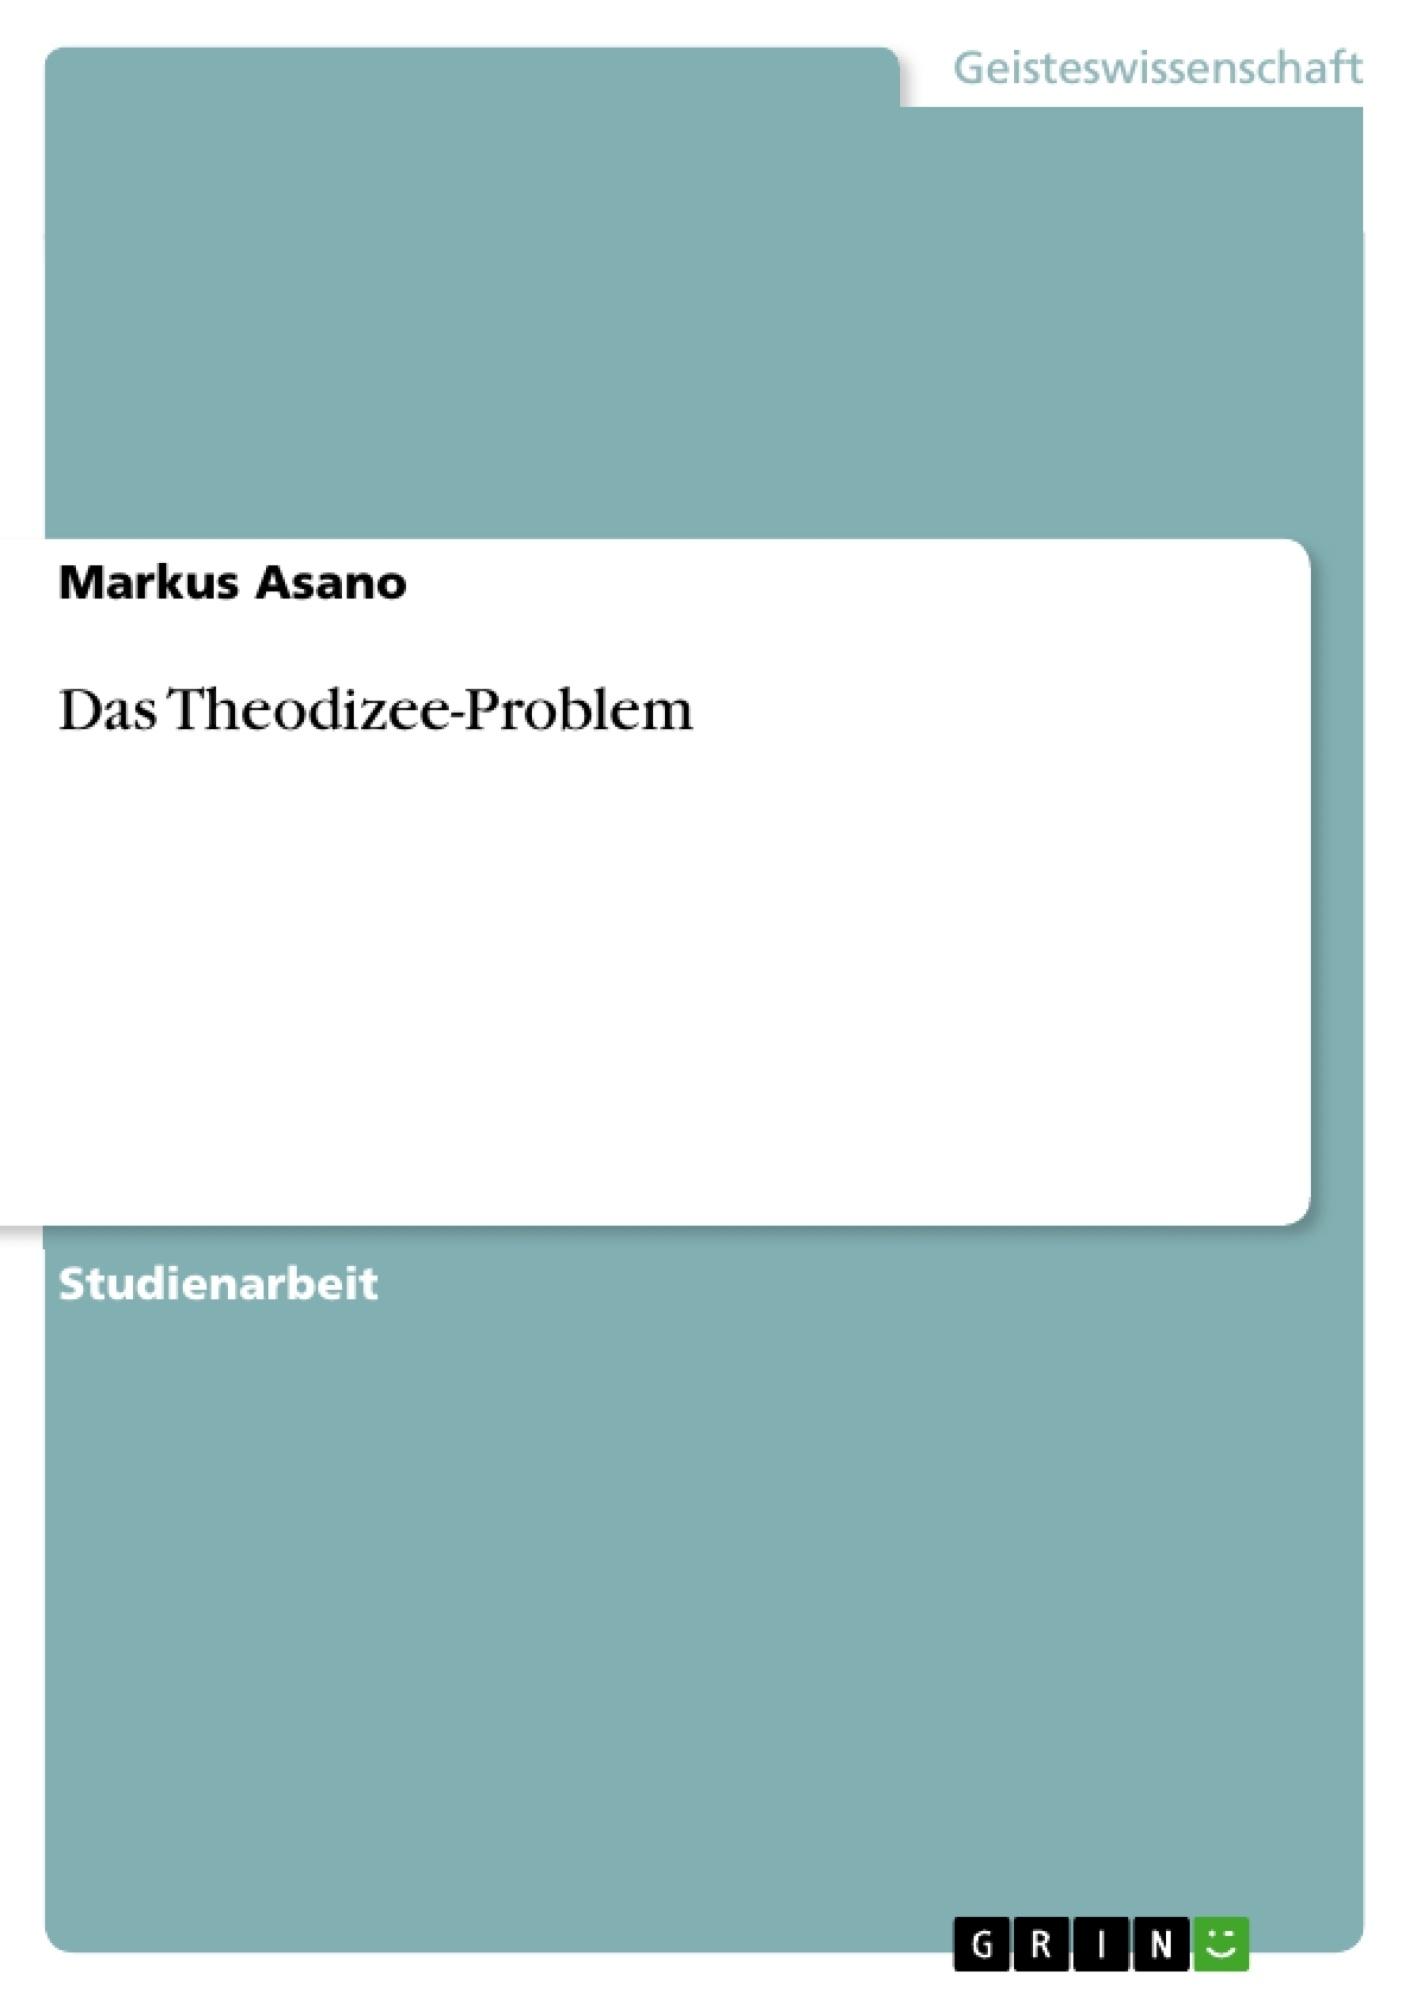 Titel: Das Theodizee-Problem